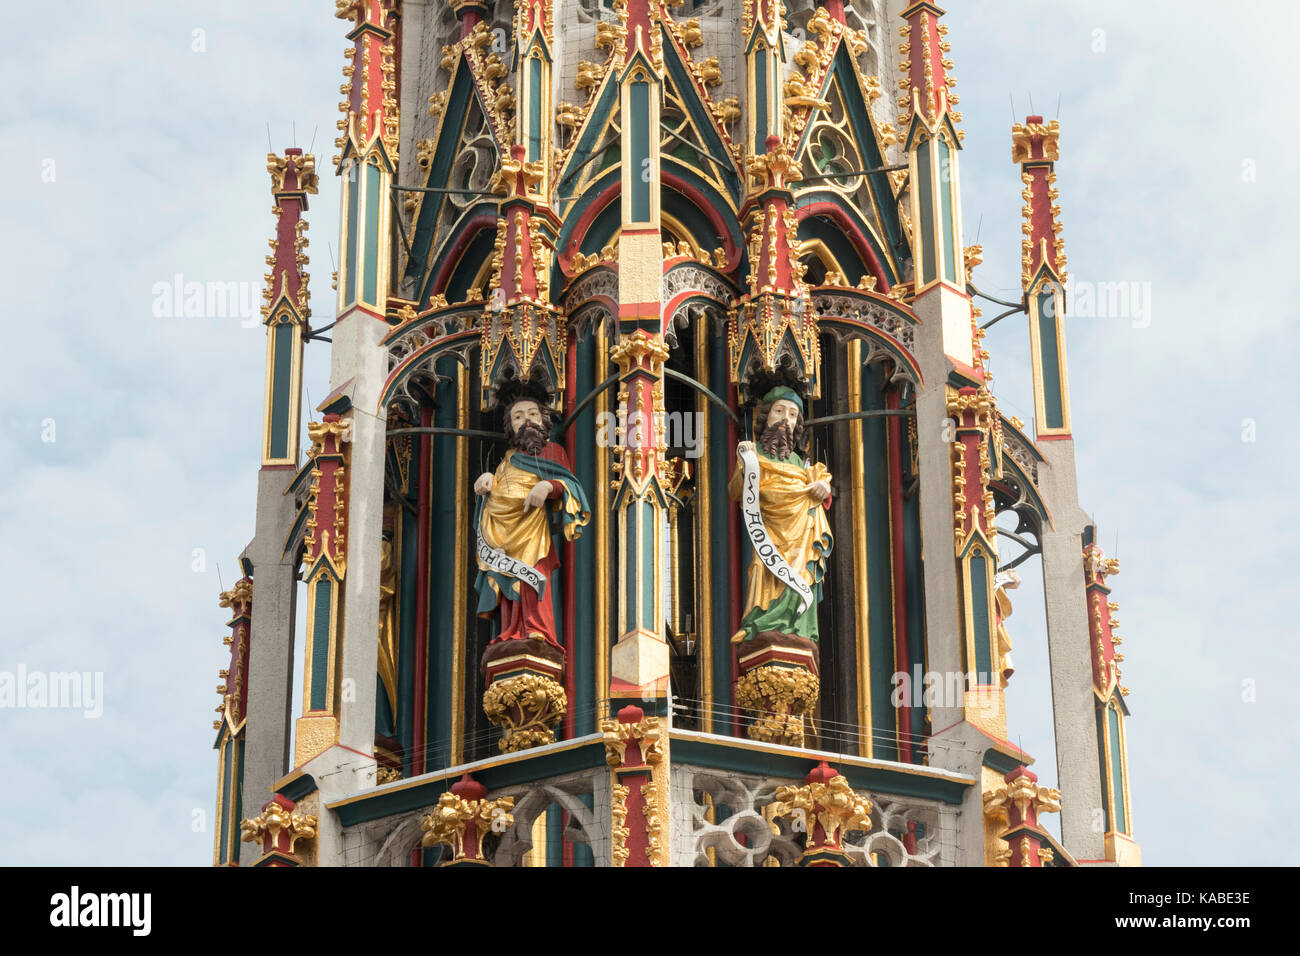 Die Schönen Brunnen oder schönen Brunnen, Nürnberg Stockbild